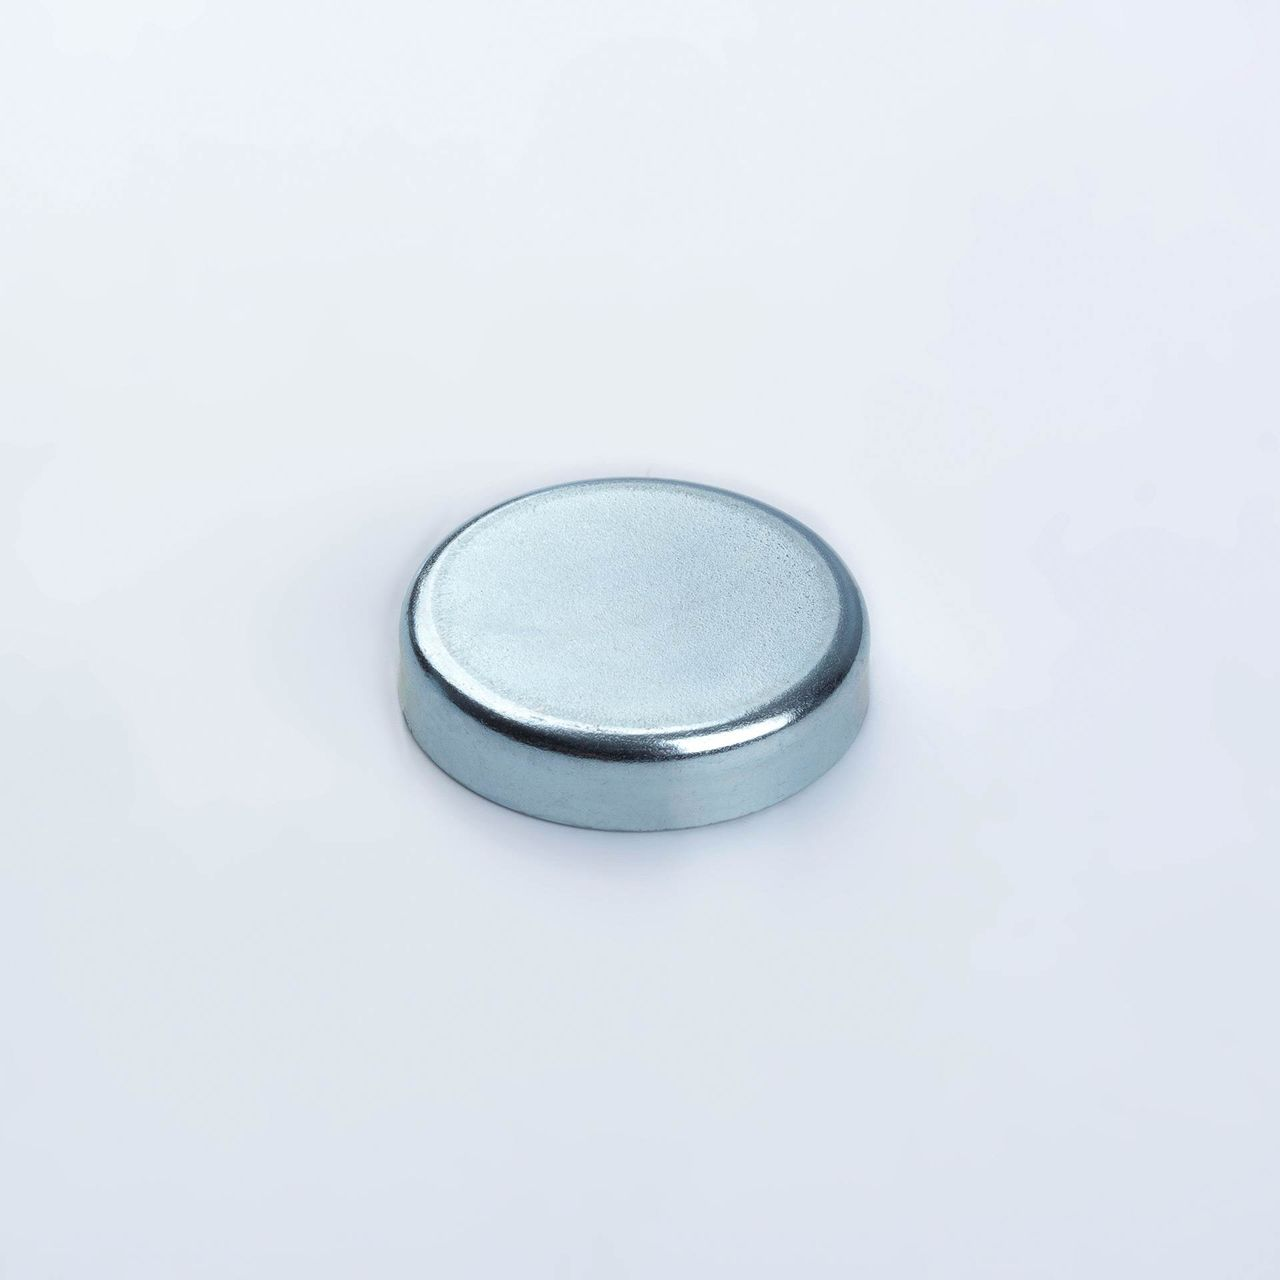 Pot magnet made of hard ferrite, galvanized, thyssenkrupp Magnettechnik